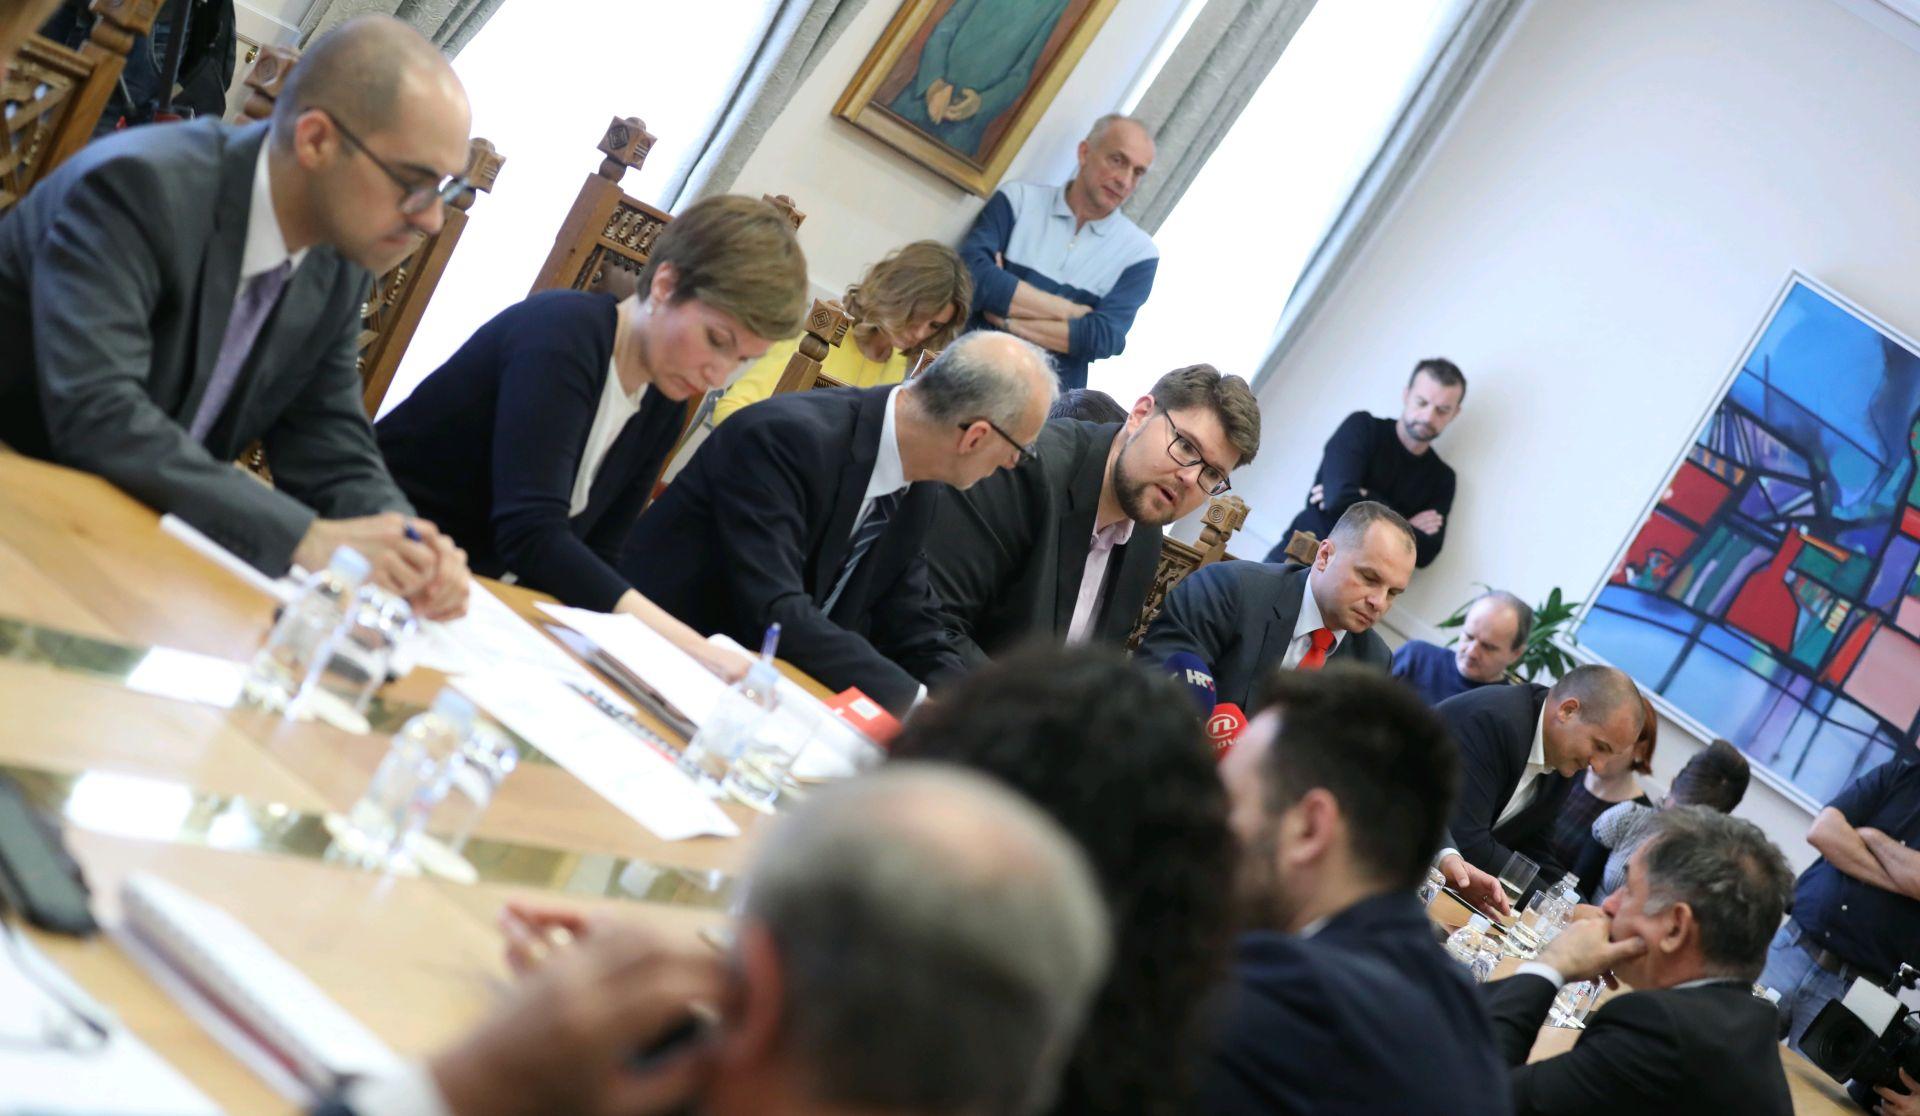 Odbor za Ustav o referendumskim pitanjima inicijative 'Narod odlučuje'